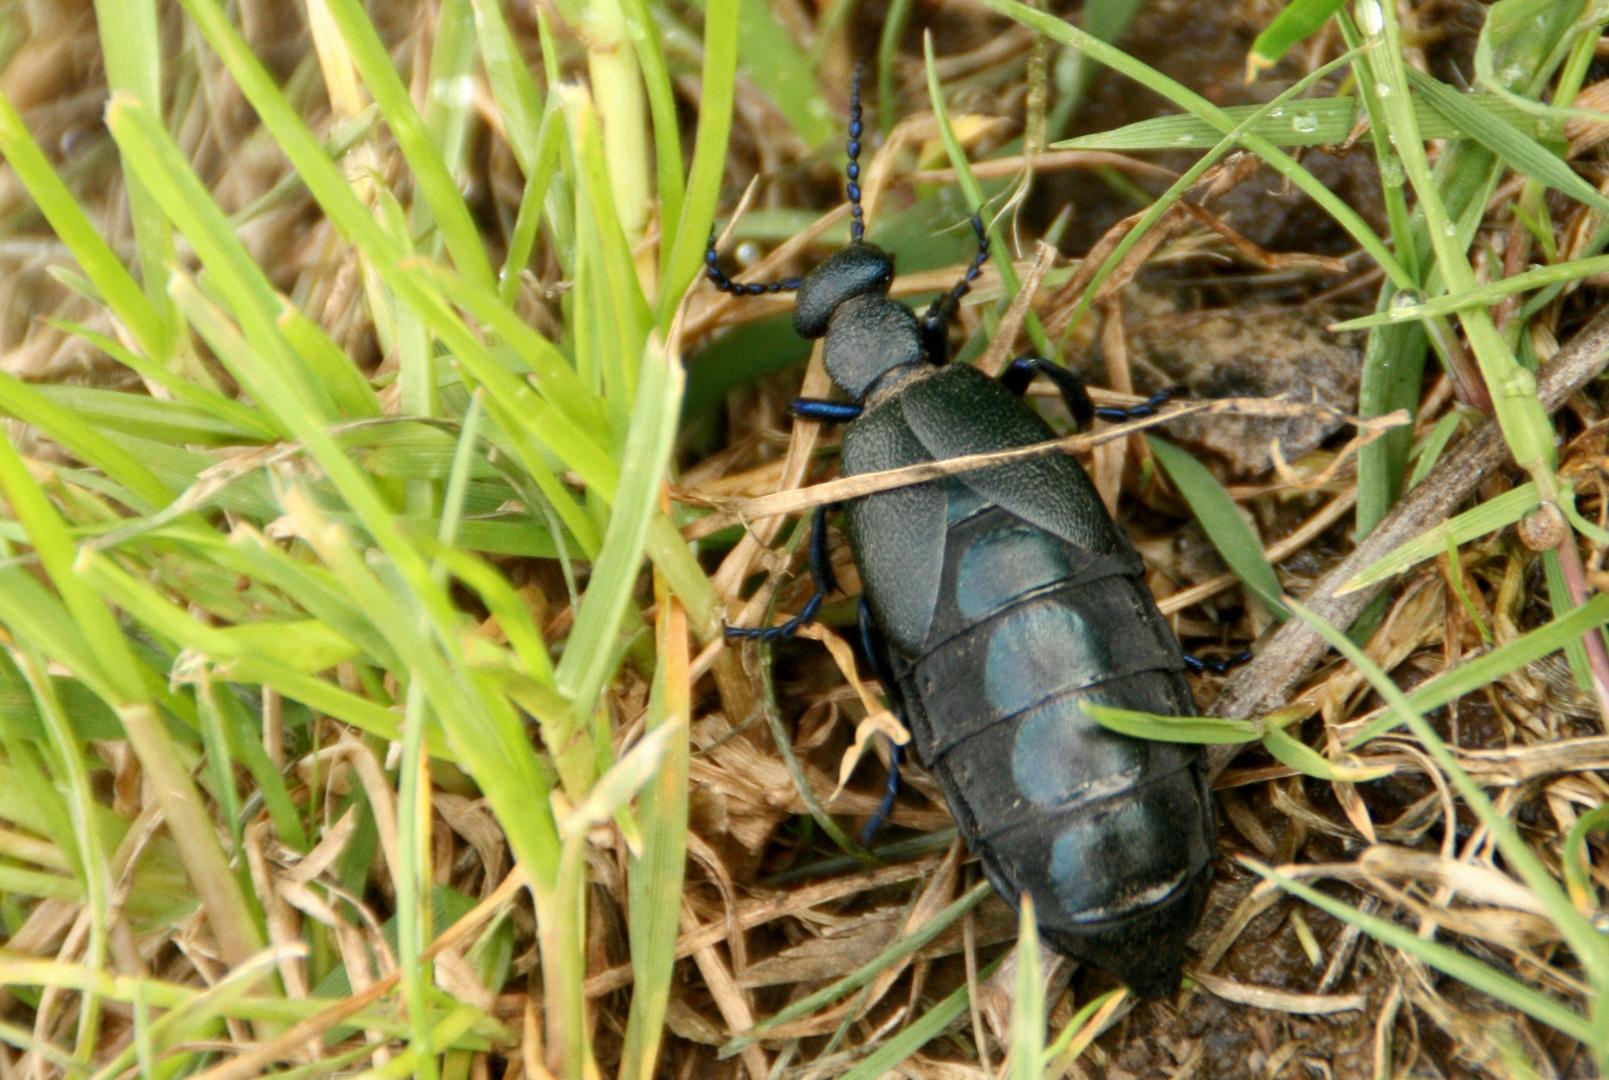 x-Käfer in voller Grösse